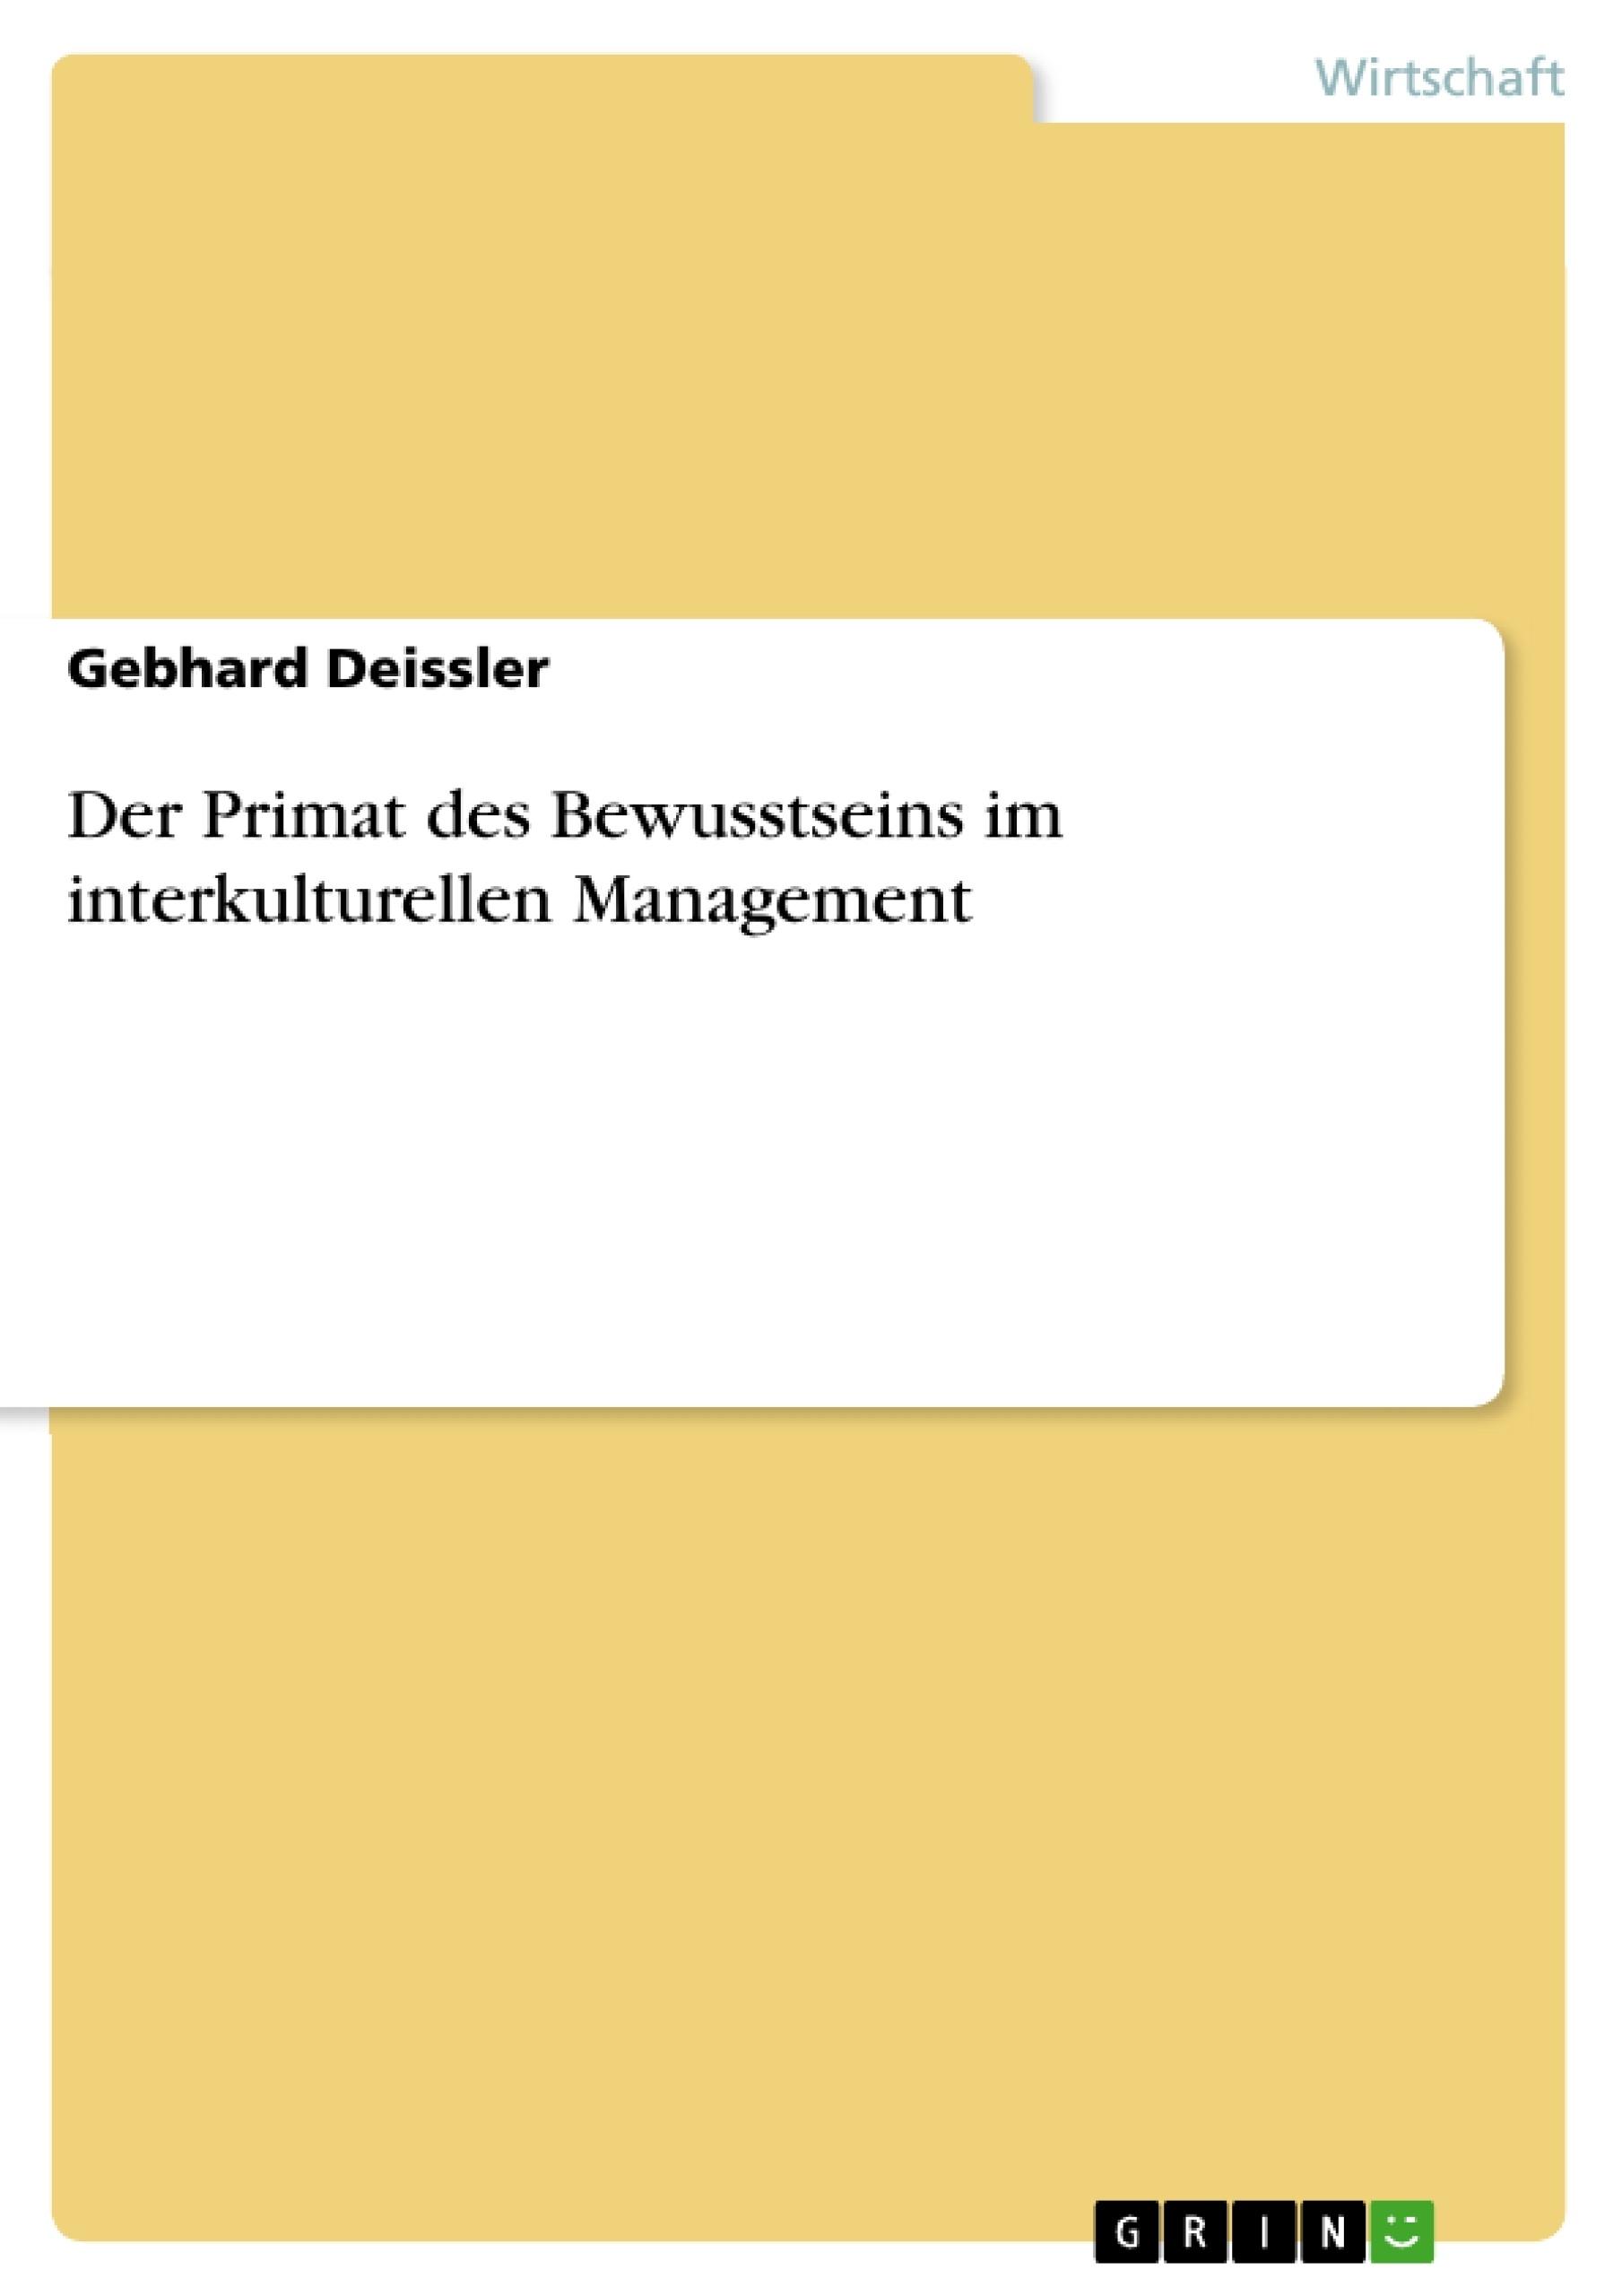 Titel: Der Primat des Bewusstseins im interkulturellen Management